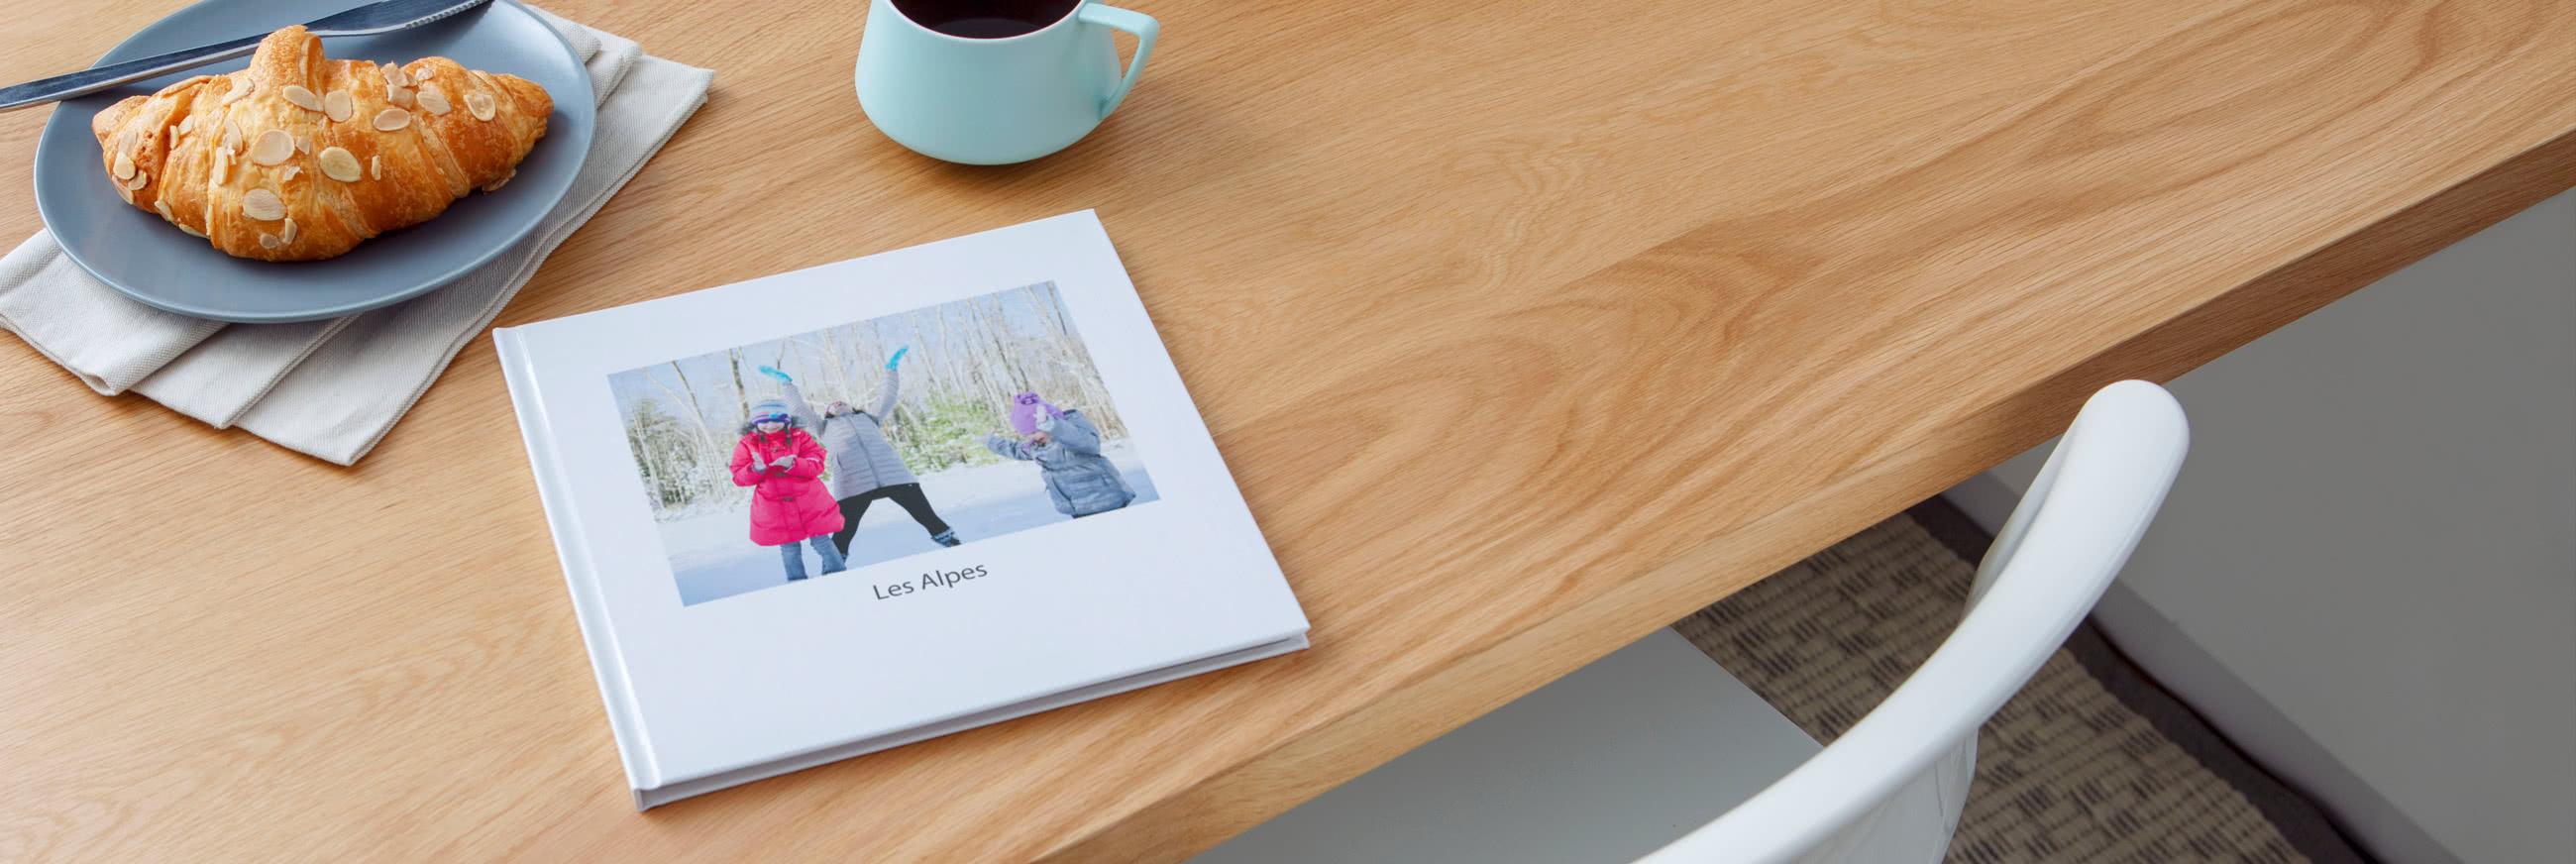 Livres Photo Carrés Premium